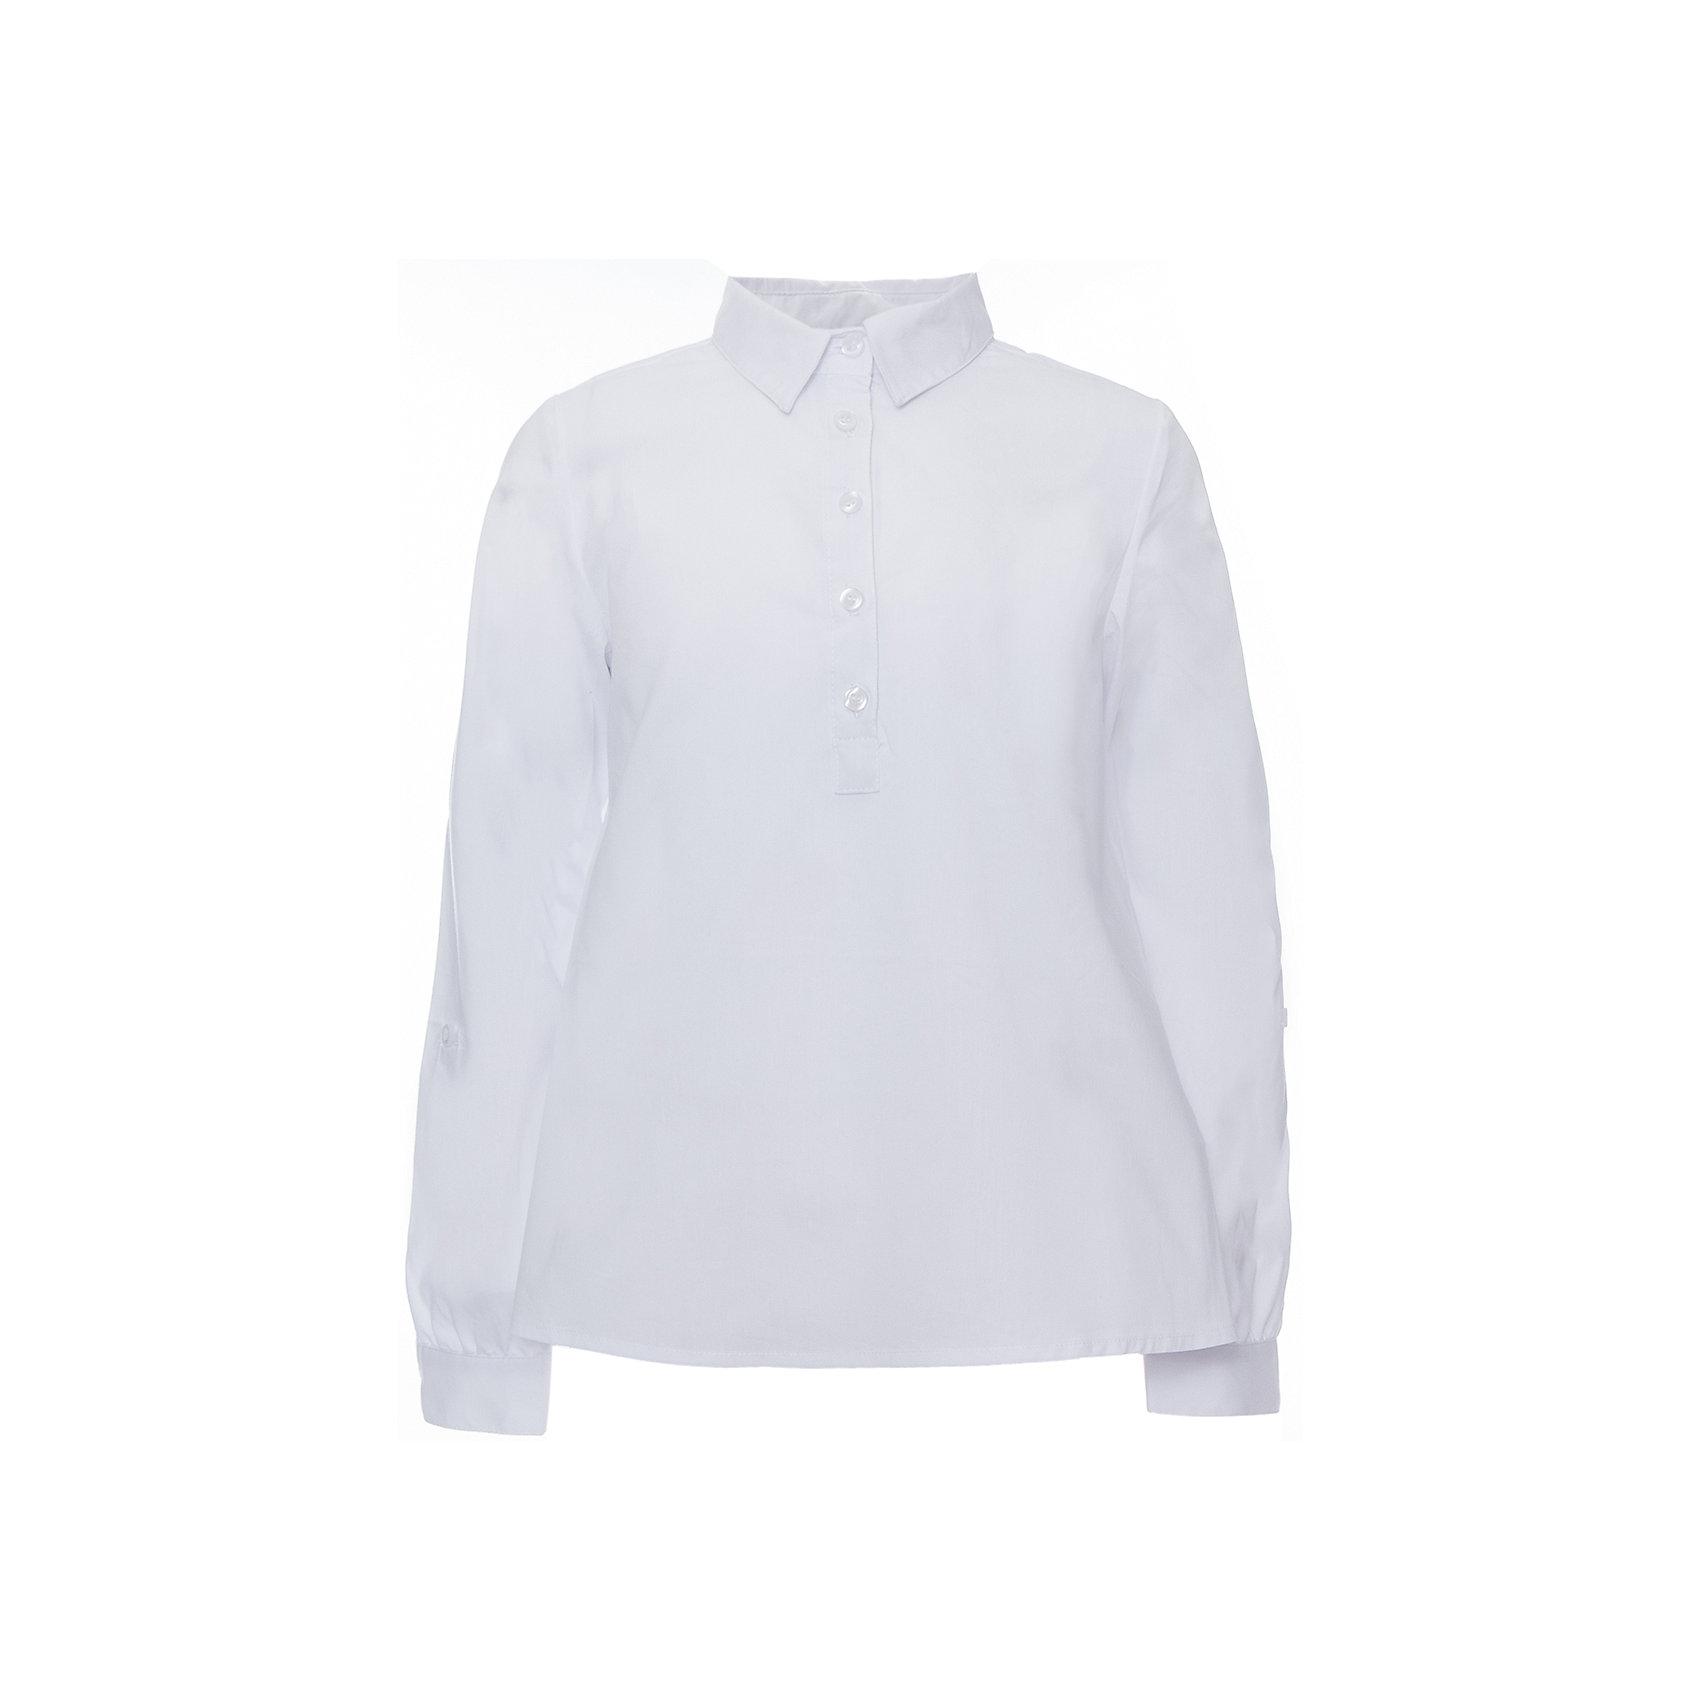 Блузка текстильная для девочки ScoolБлузки и рубашки<br>Блузка текстильная для девочки Scool<br>Блузка в классическом стиле с длинным рукавом сможет дополнить повседневный гардероб ребенка. Модель с отложным воротником и заниженной спинкой. Блузка хорошо сочетается как с костюмами так и с джинсами.<br>Состав:<br>68% хлопок, 28% полиэстер, 4% эластан<br><br>Ширина мм: 186<br>Глубина мм: 87<br>Высота мм: 198<br>Вес г: 197<br>Цвет: белый<br>Возраст от месяцев: 96<br>Возраст до месяцев: 108<br>Пол: Женский<br>Возраст: Детский<br>Размер: 134,164,158,152,146,140,128<br>SKU: 6754827